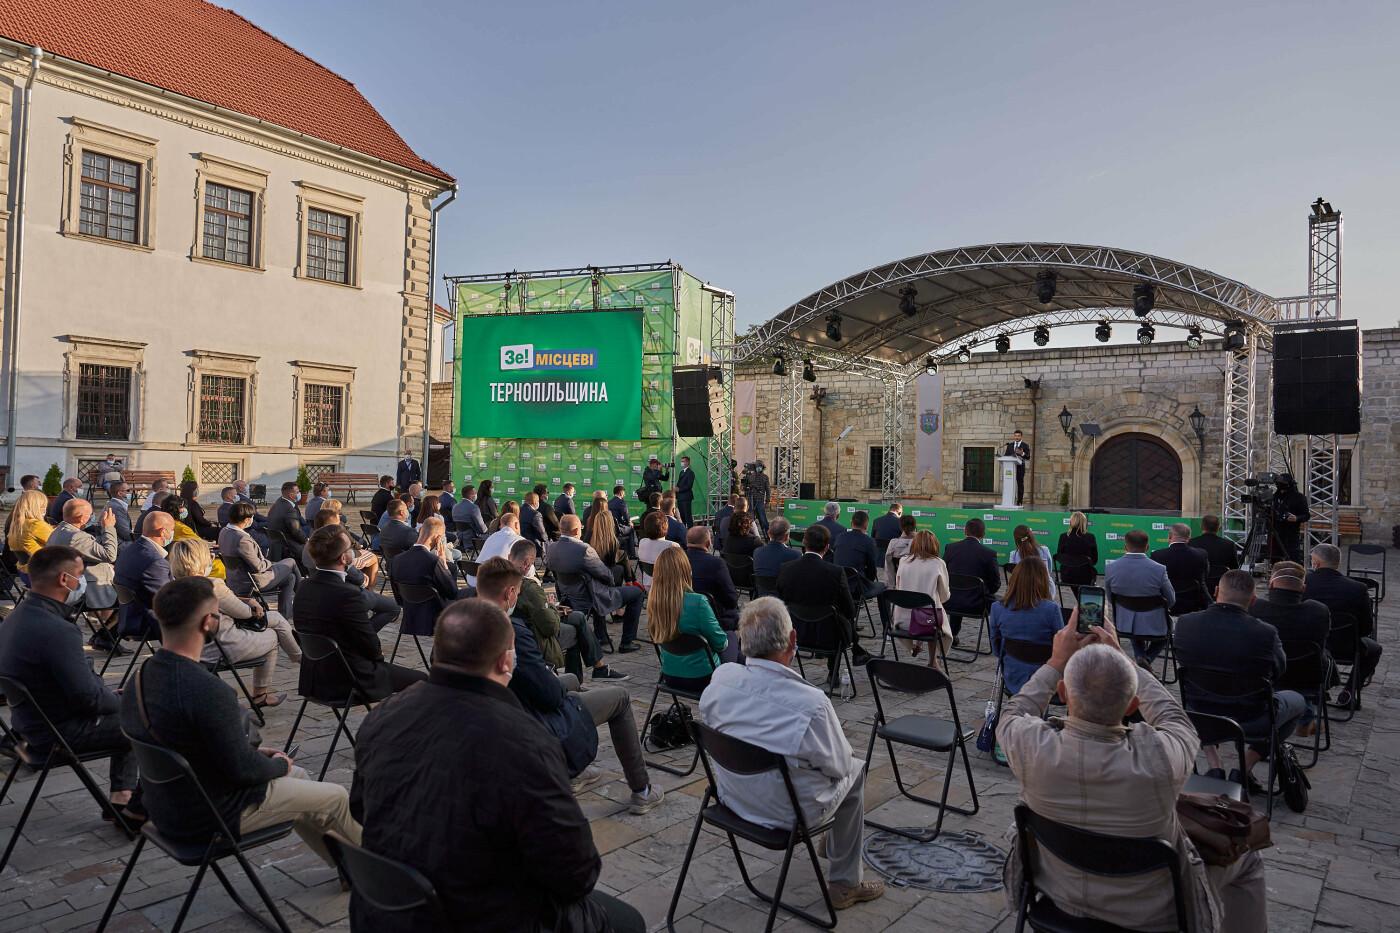 На Тернопільщині представили команду партії «Слуга Народу», яка втілюватиме Стратегію розвитку в регіоні (ФОТОРЕПОРТАЖ), фото-4